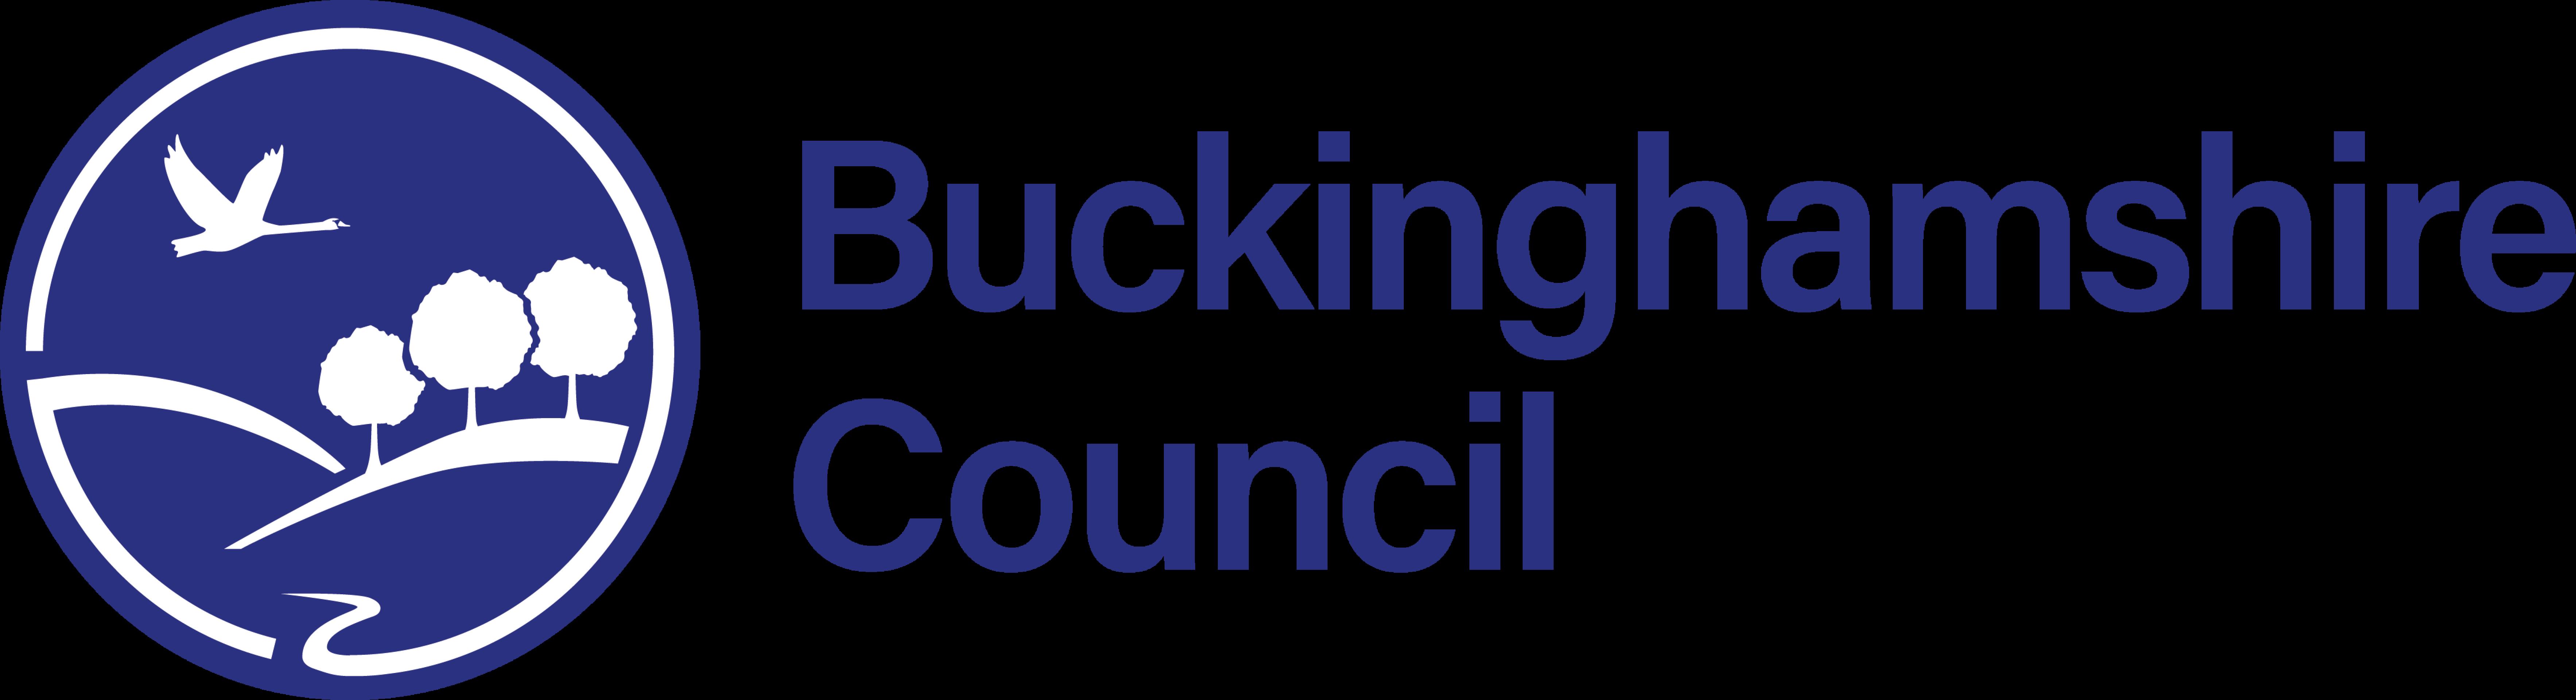 Buckinghamshire Council logo